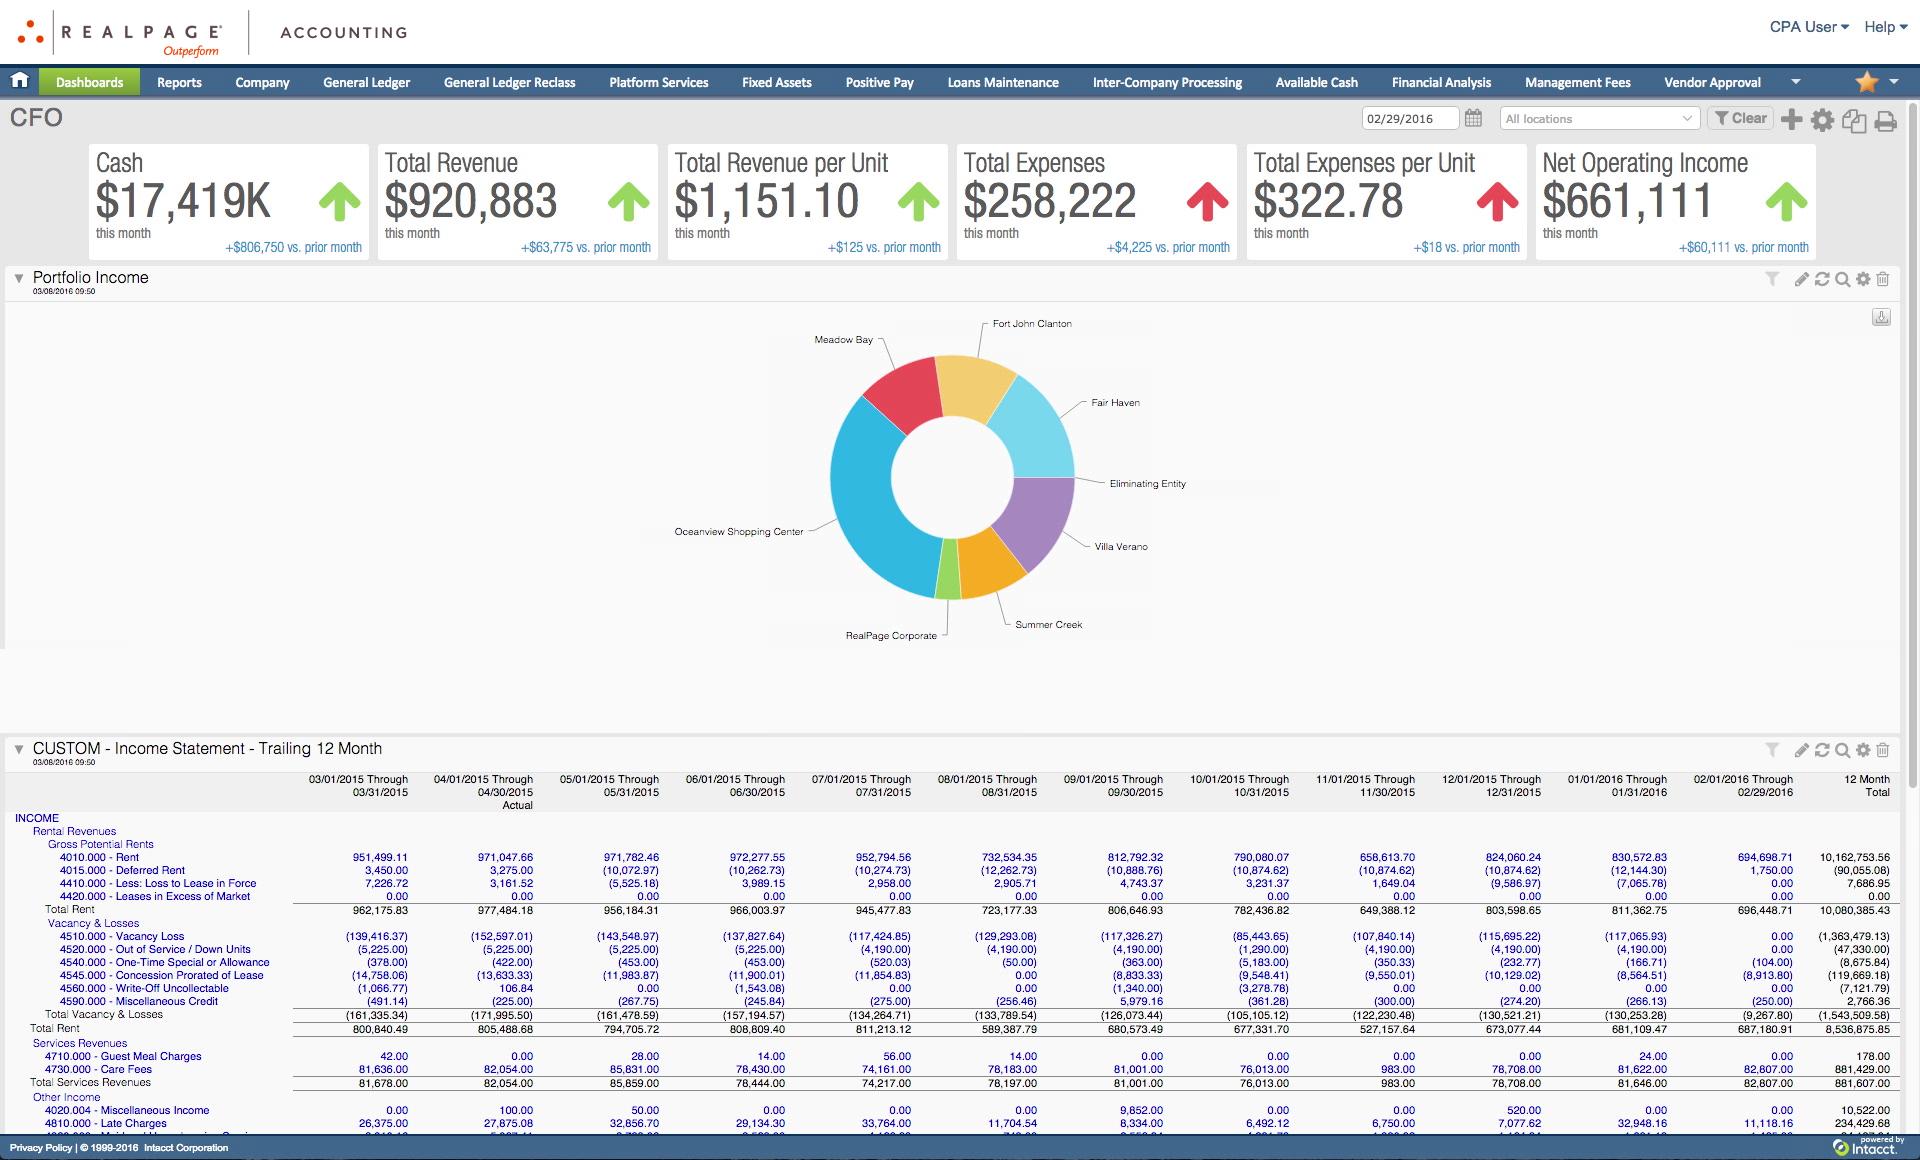 RealPage Software - Portfolio income